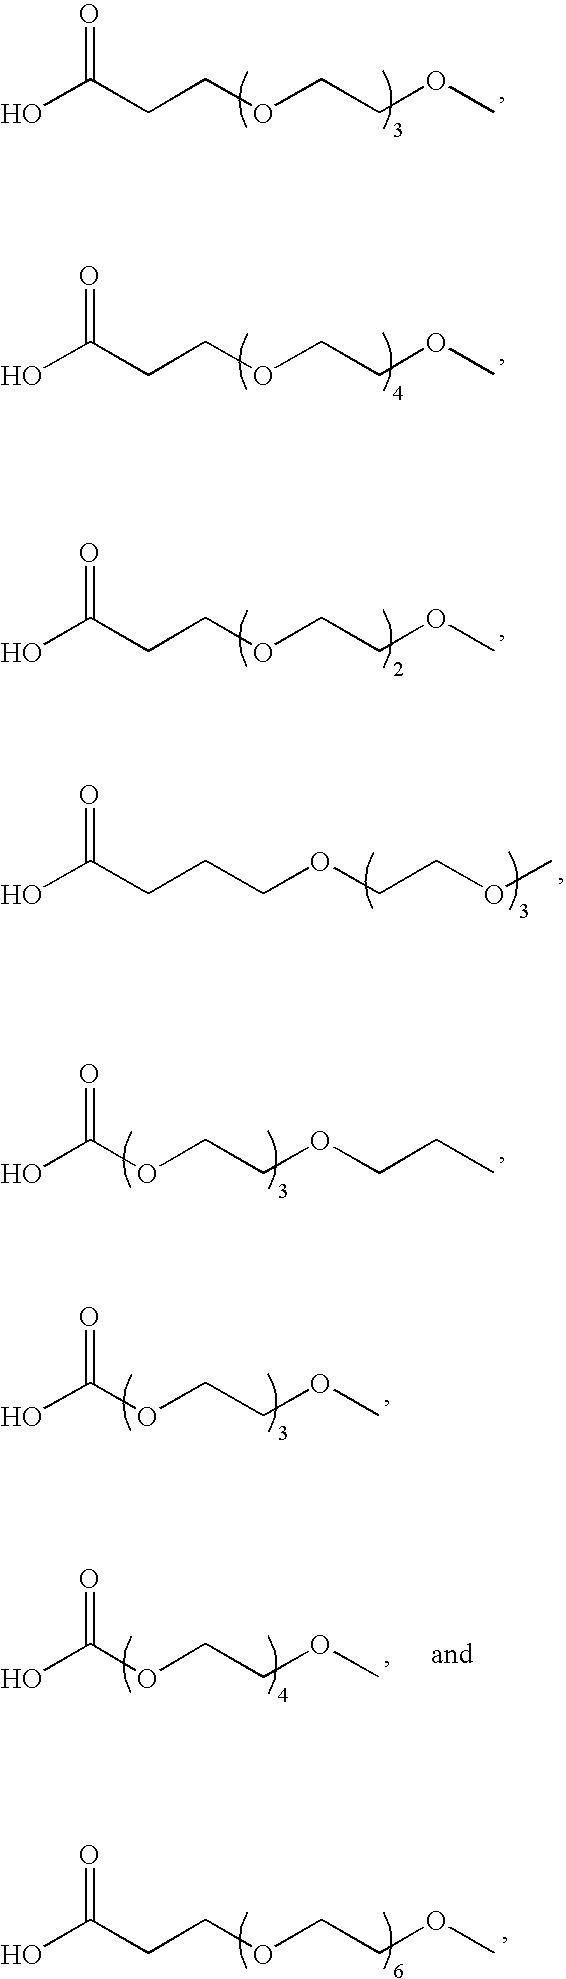 Figure US20060019873A1-20060126-C00014